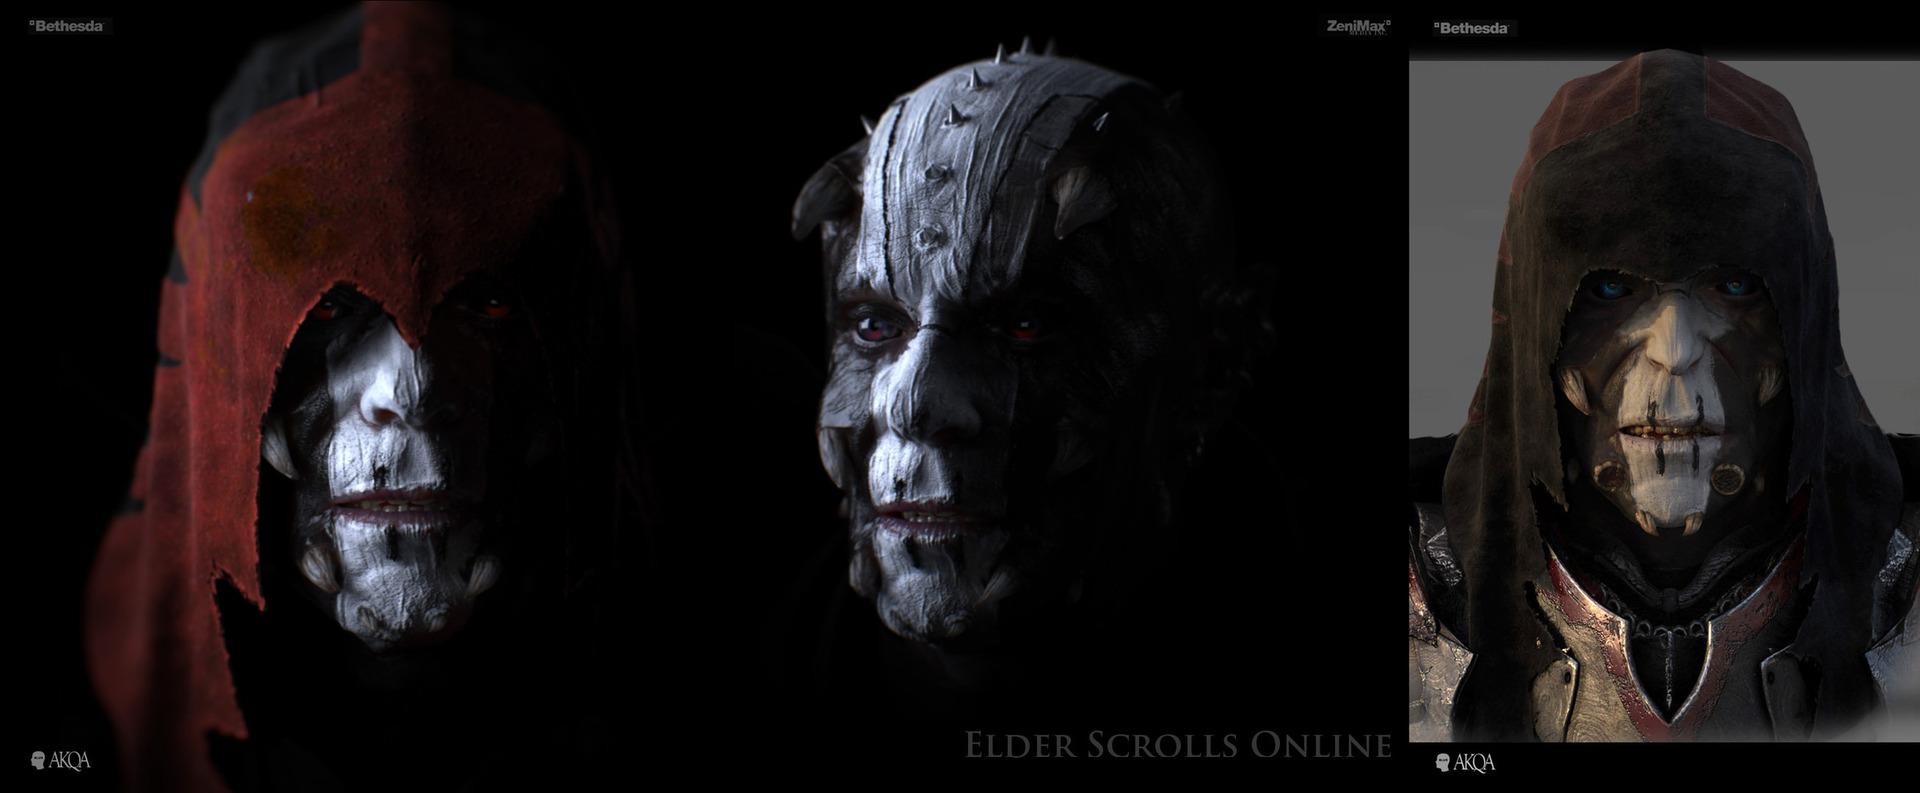 Artwork for Blur Studio's cinematic for Bethesda Softworks' Elder Scrolls Online.